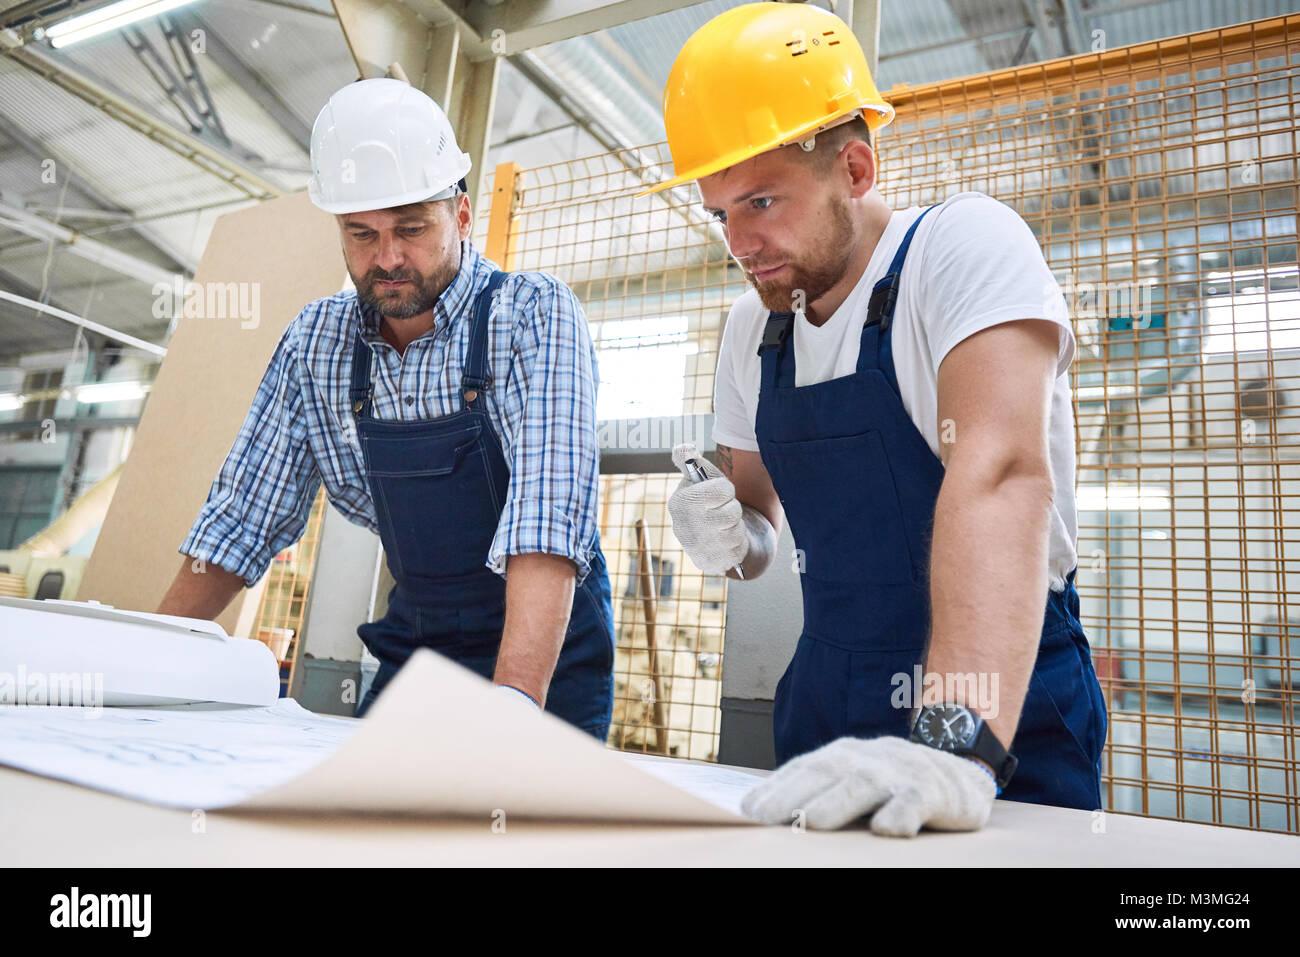 Deux travailleurs de la construction des Plans d'inspection Photo Stock